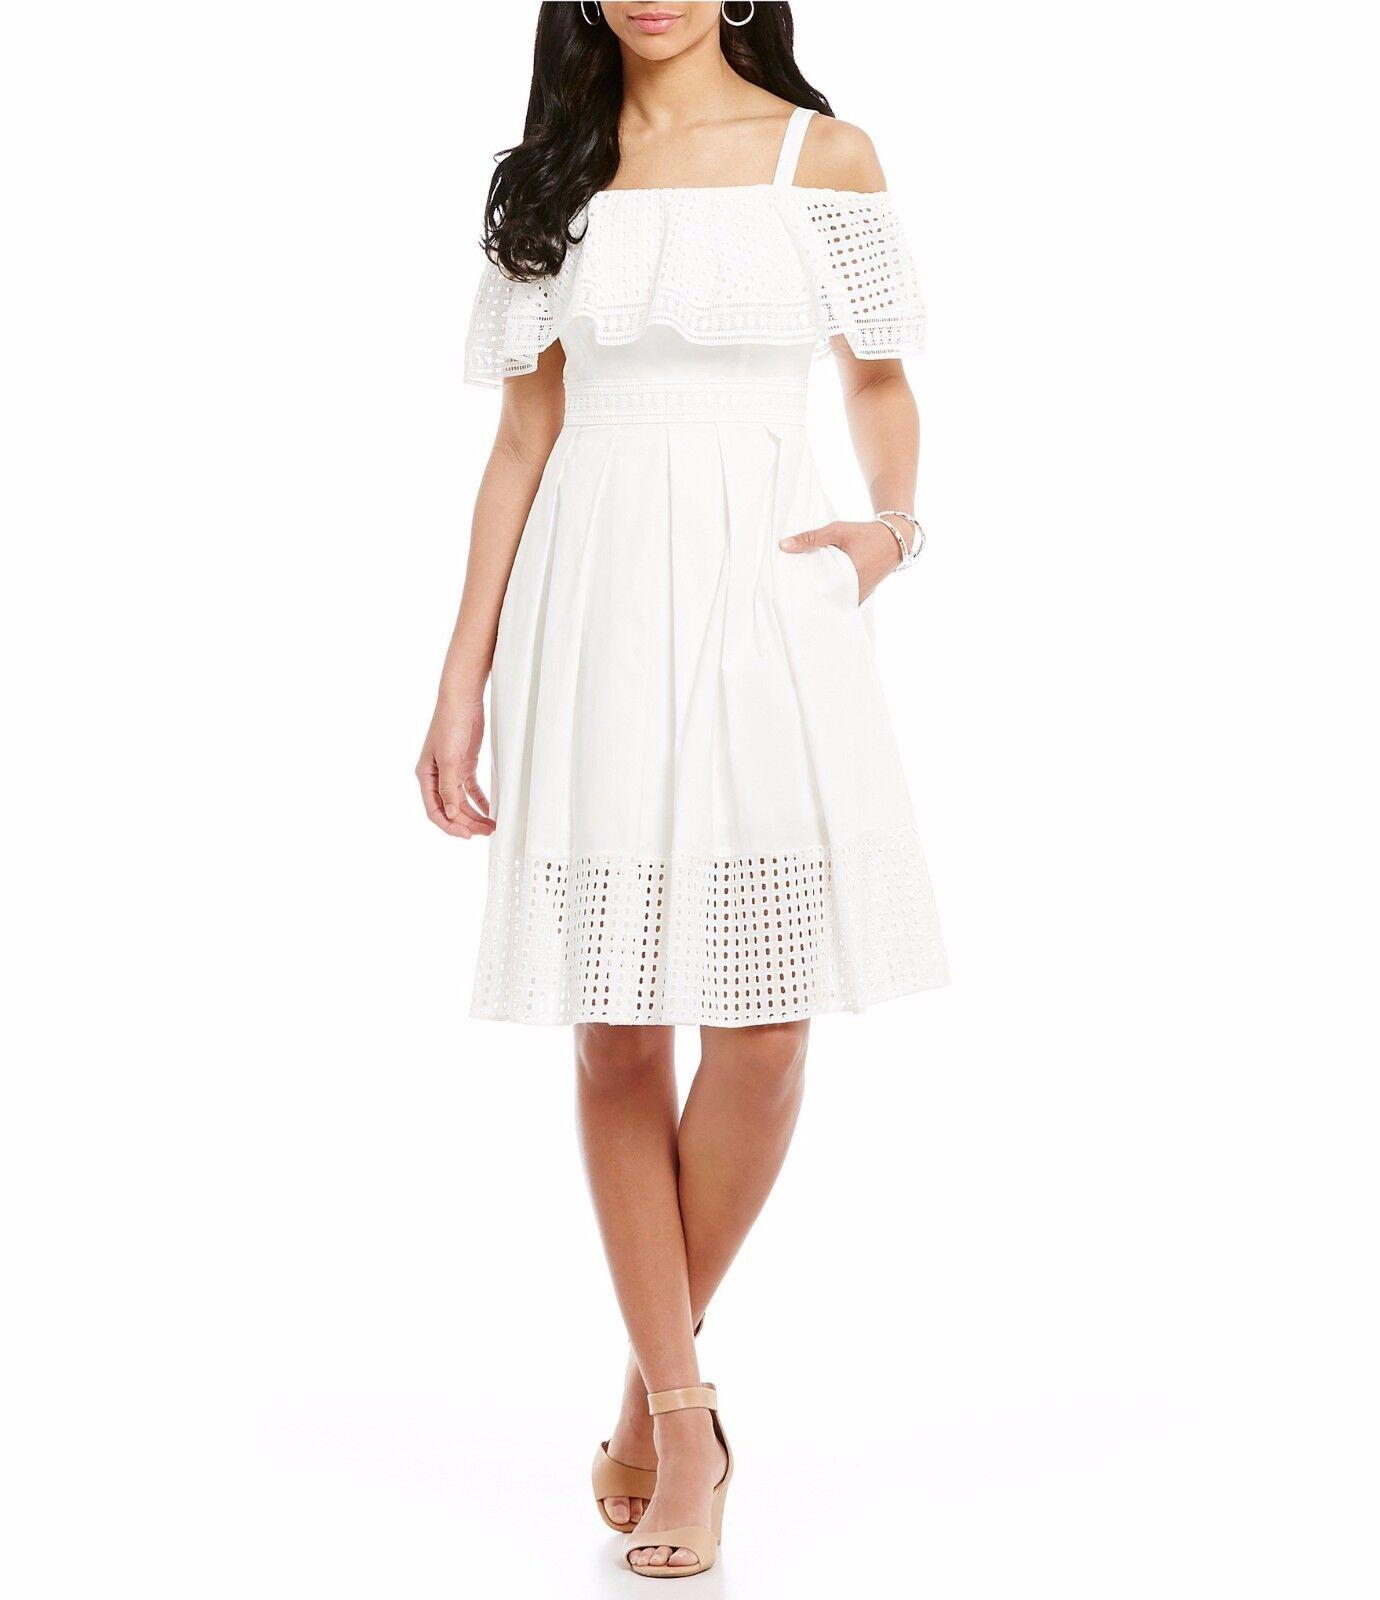 NWT MSRP  148 -  ELIZA J  Eyelet Ruffle Fit & Flare Dress, White, Size 6